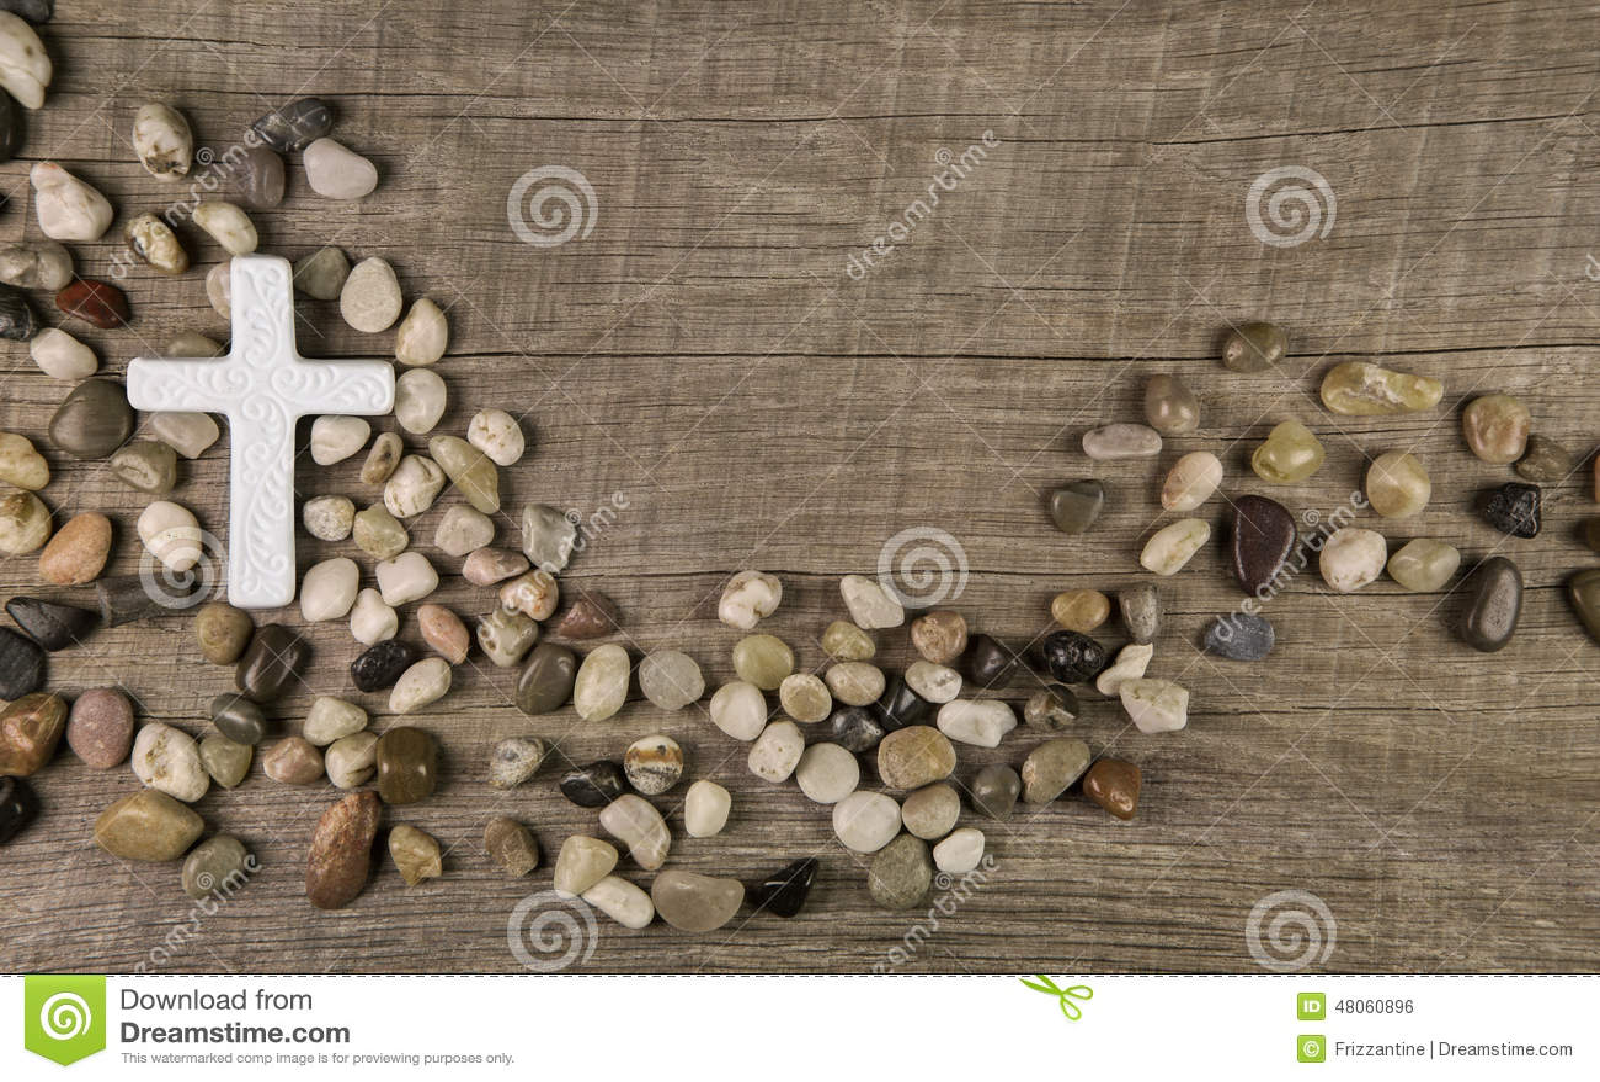 石头十字架在木背景的吊唁或哀悼的